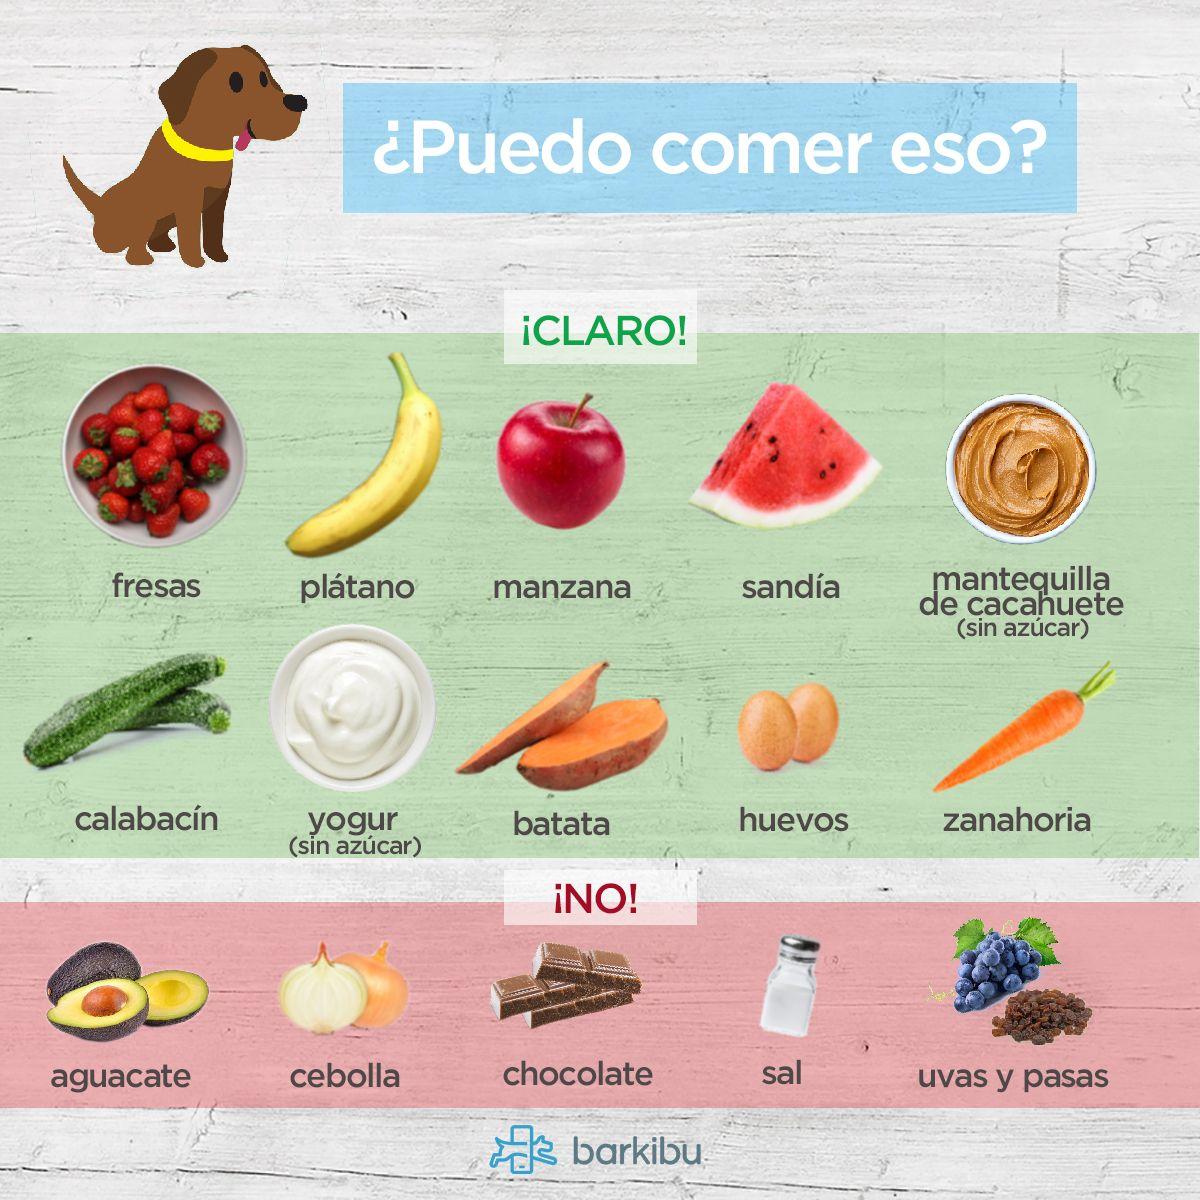 Alimentos Que Pueden Comer Los Perros Alimento Perros Alimentos Prohibidos Para Perros Comida Para Perros